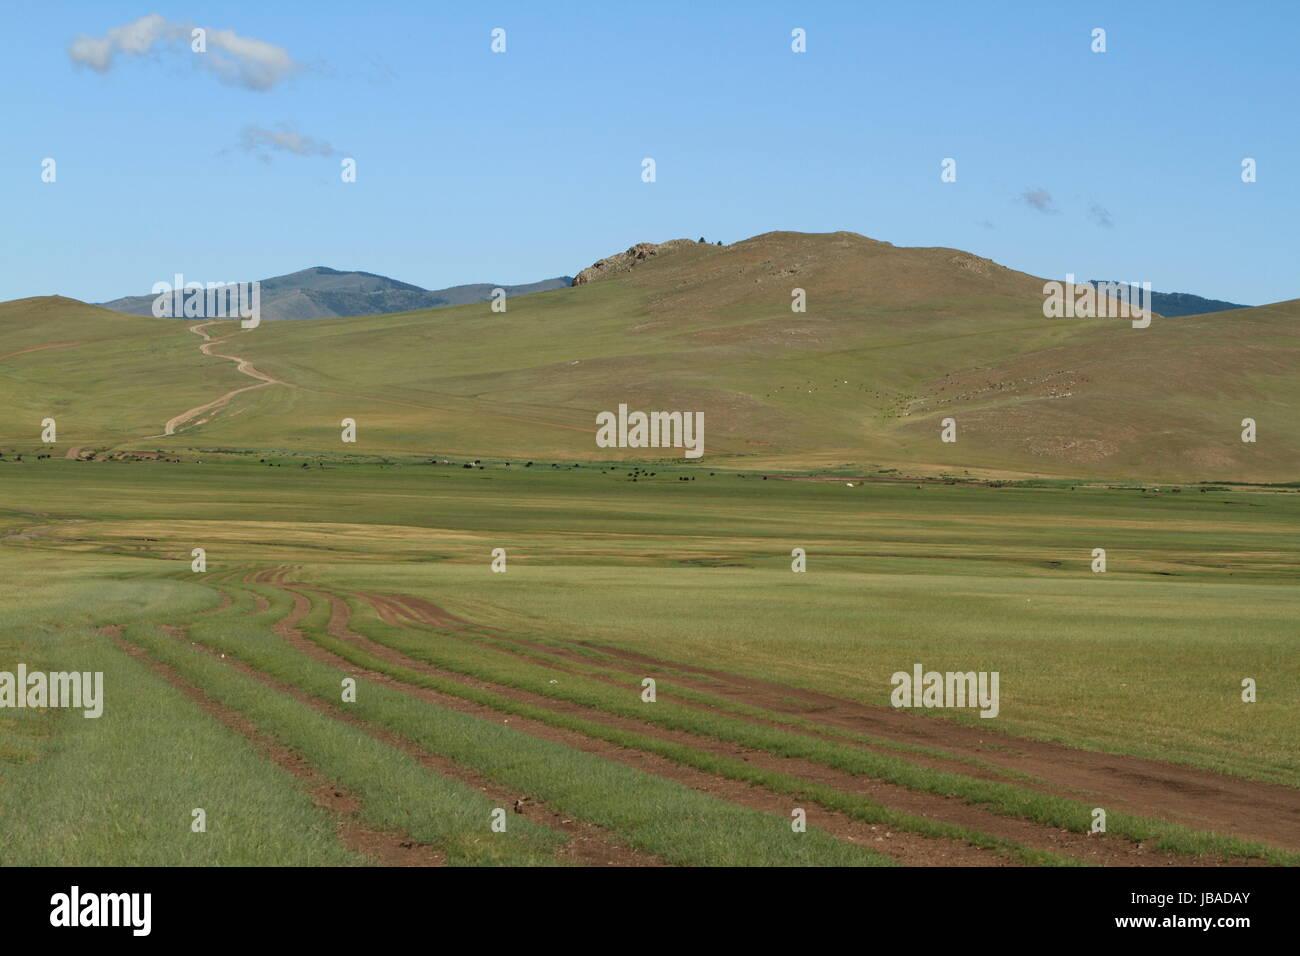 khustain national park mongolia - Stock Image